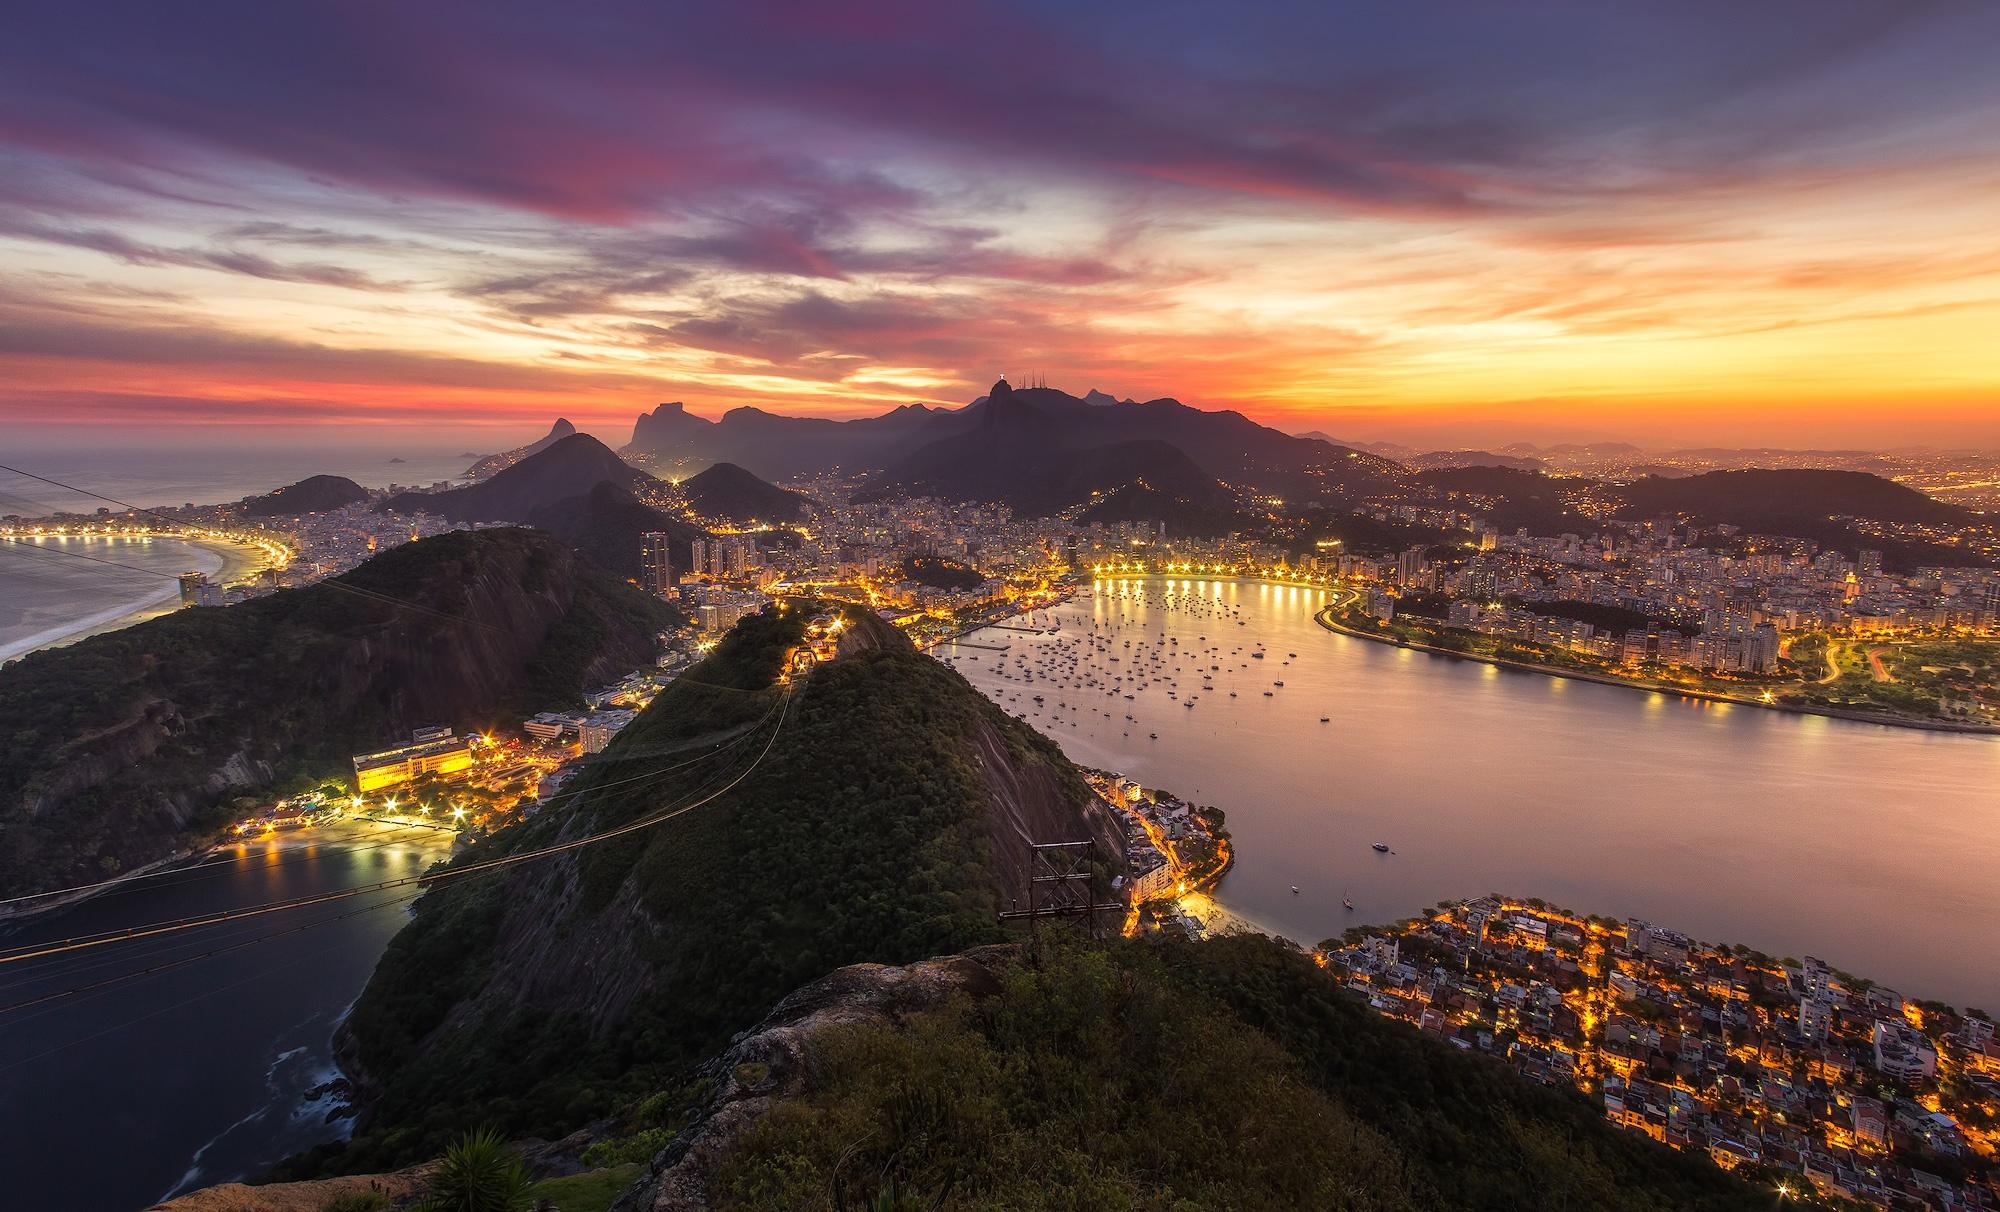 Рио-де-Жанейро перед рассветом  № 1457601 бесплатно